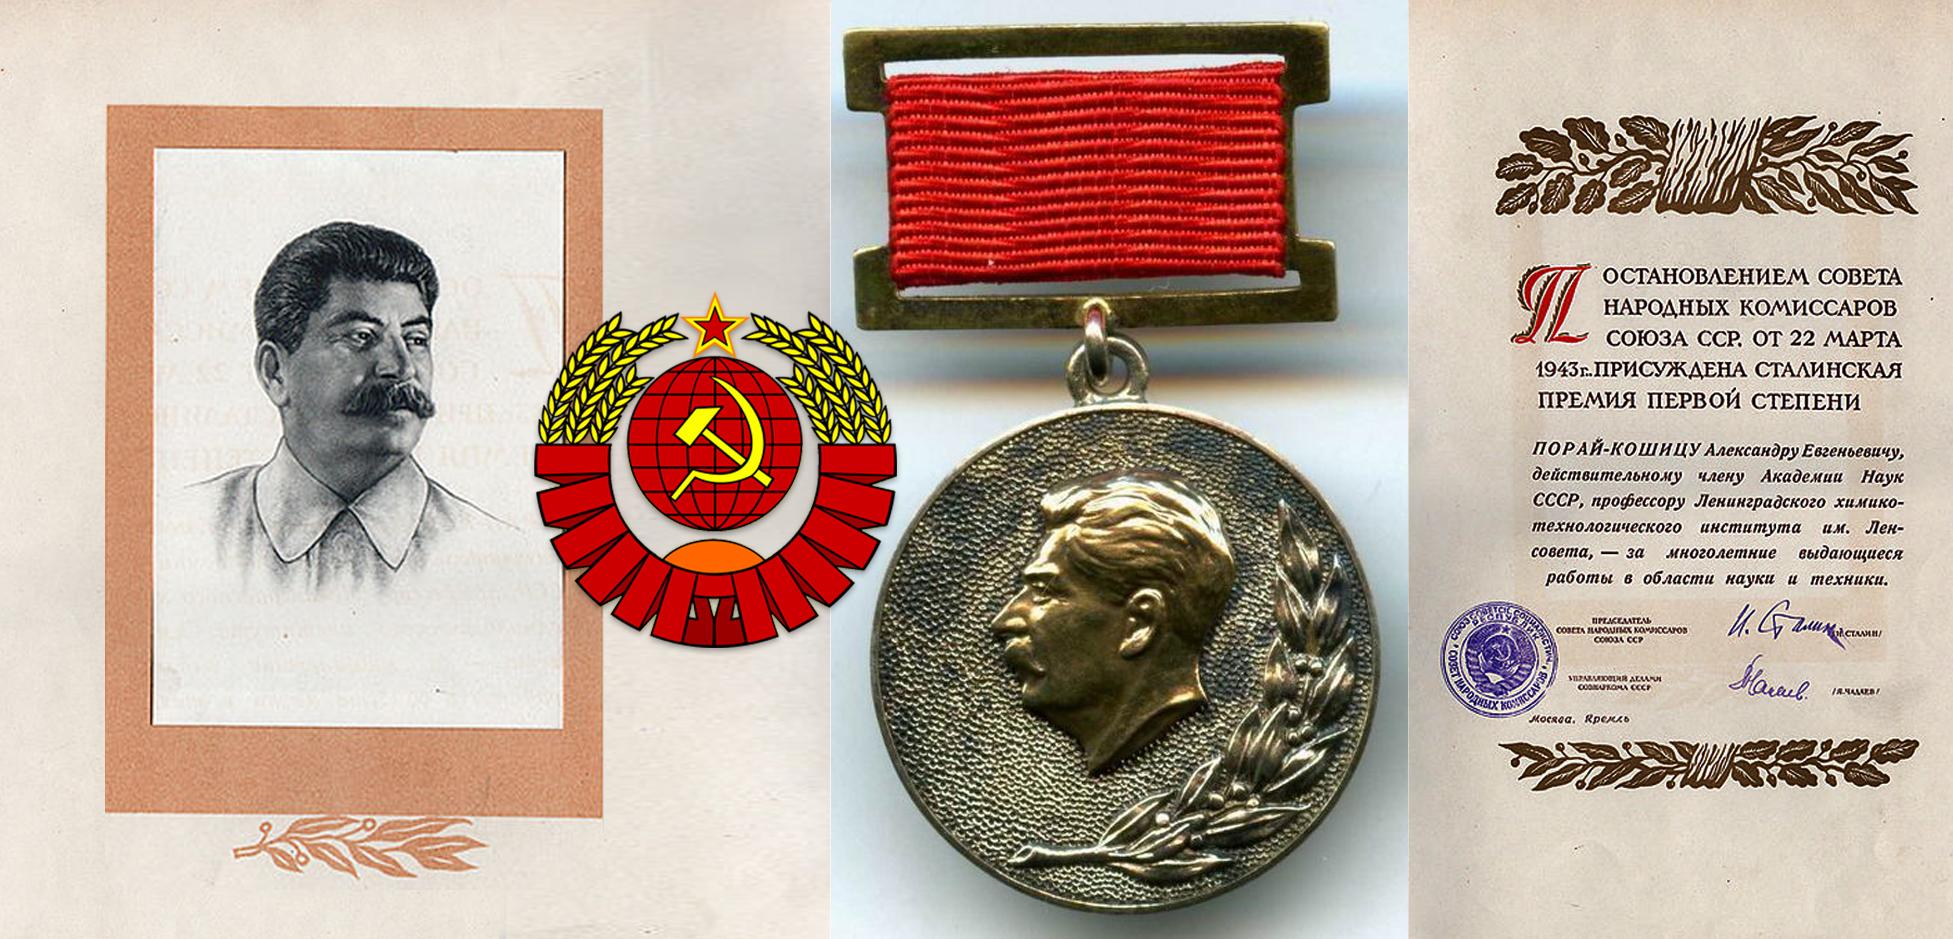 Βραβείο Στάλιν Stalin Prize Ста́линская пре́мия